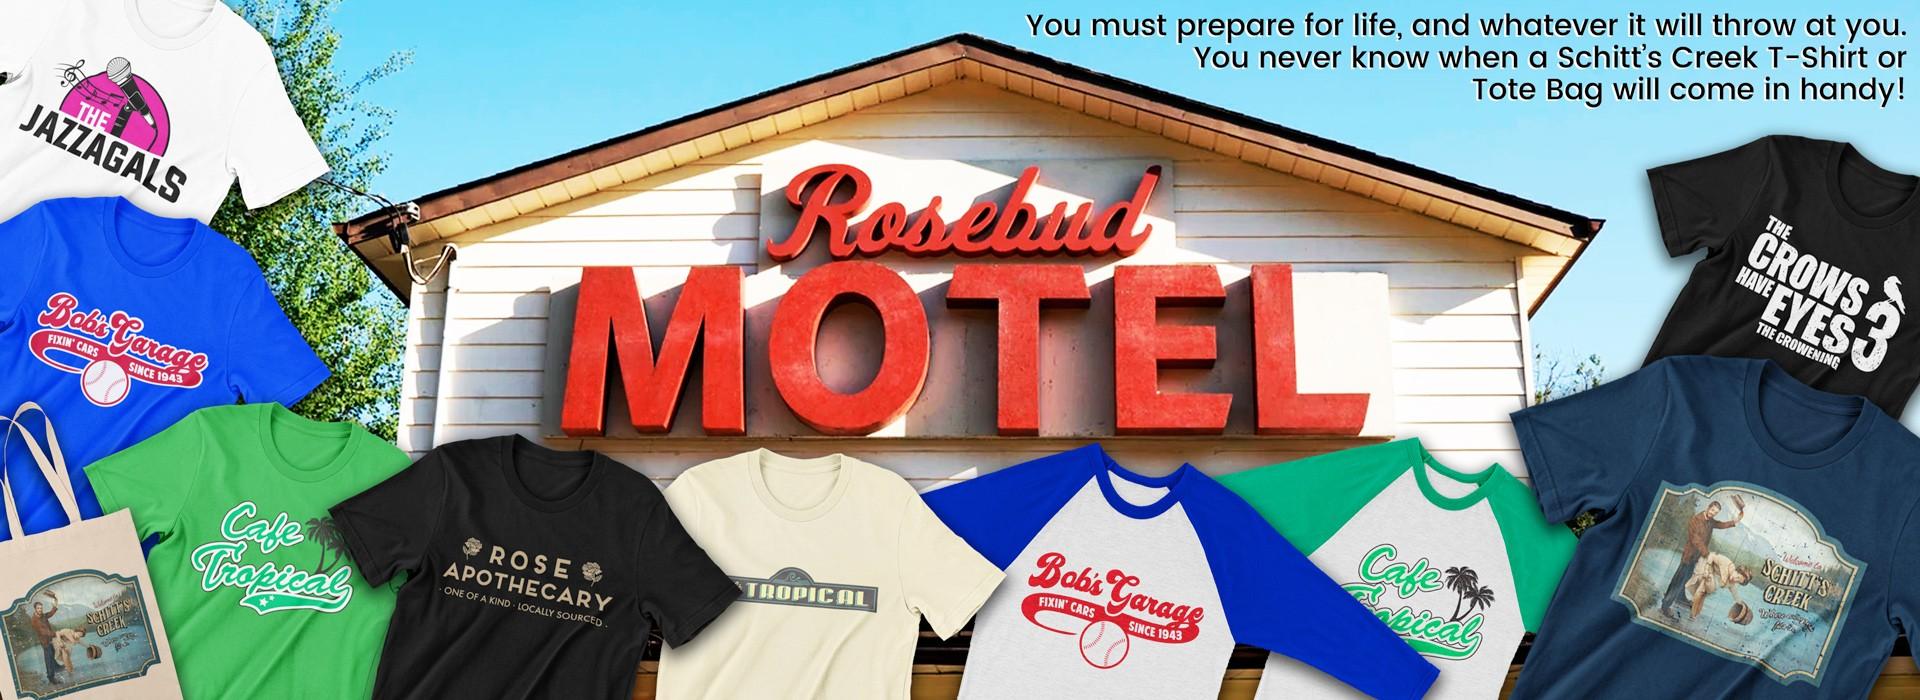 Schitt's Creek T-Shirts